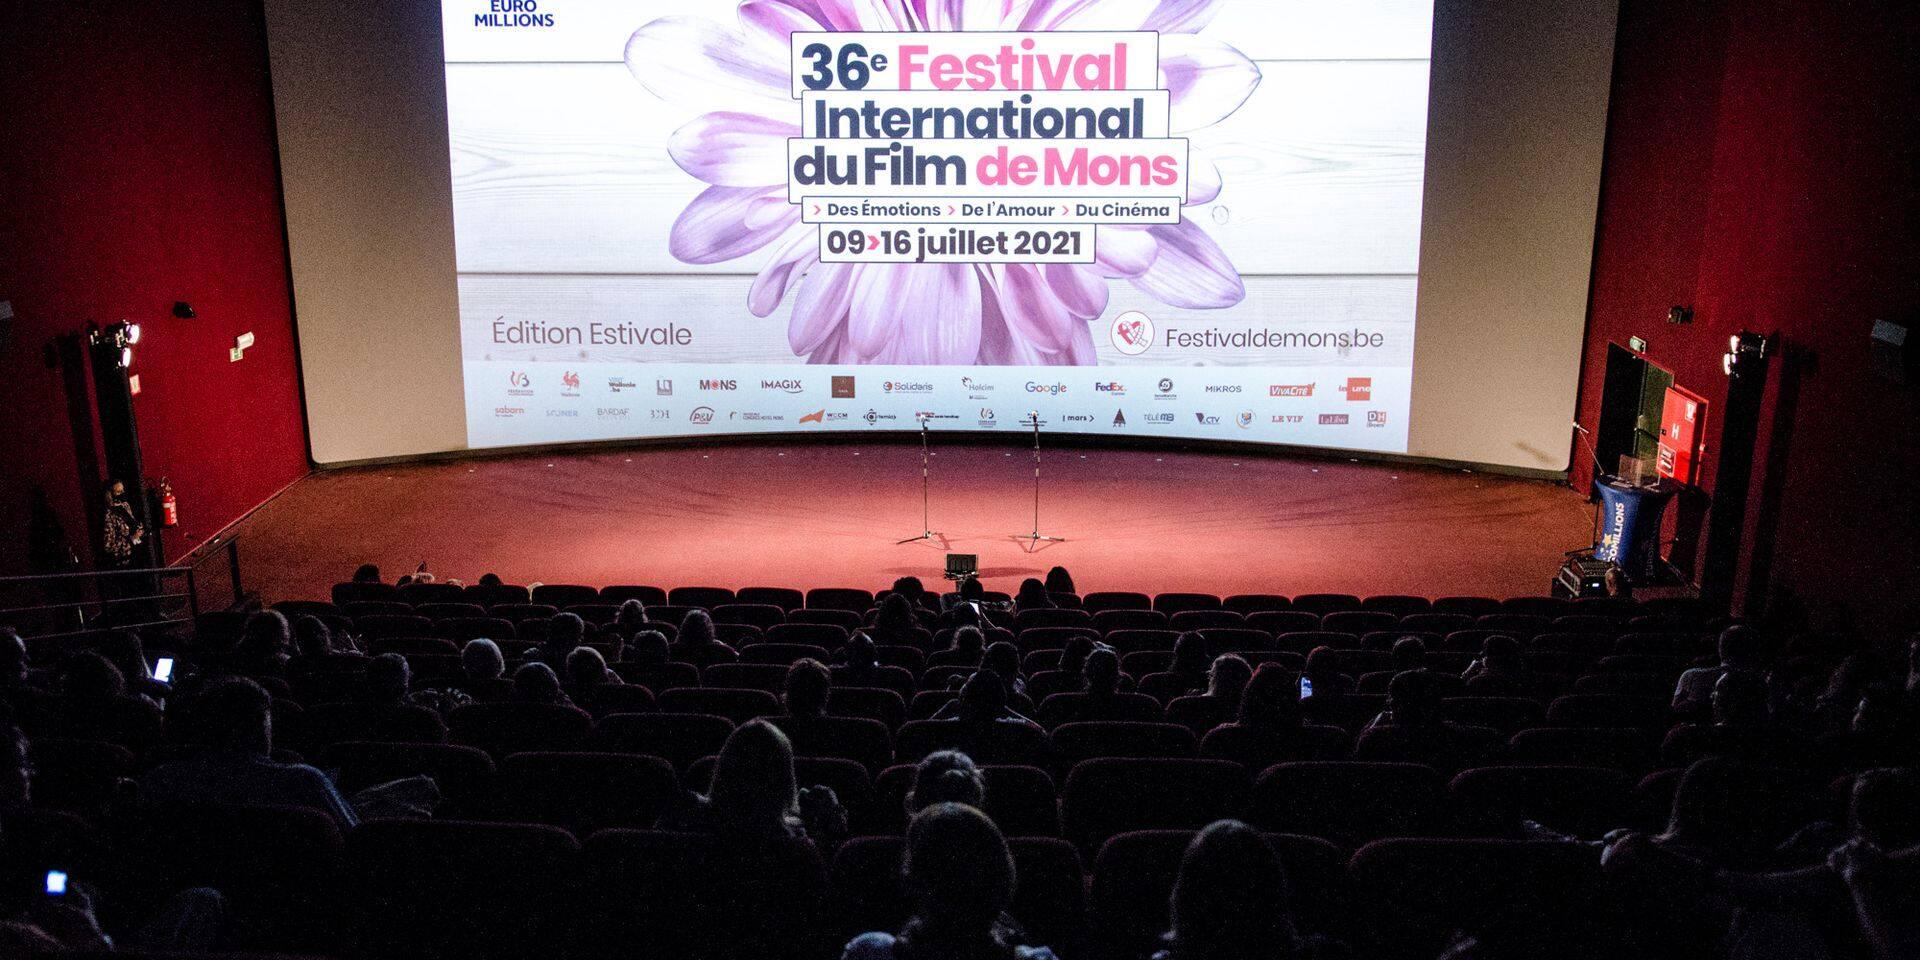 """Le Festival du film international de Mons se clôture sur un bilan très positif: """"Le contexte nous a permis d'améliorer encore notre organisation"""""""